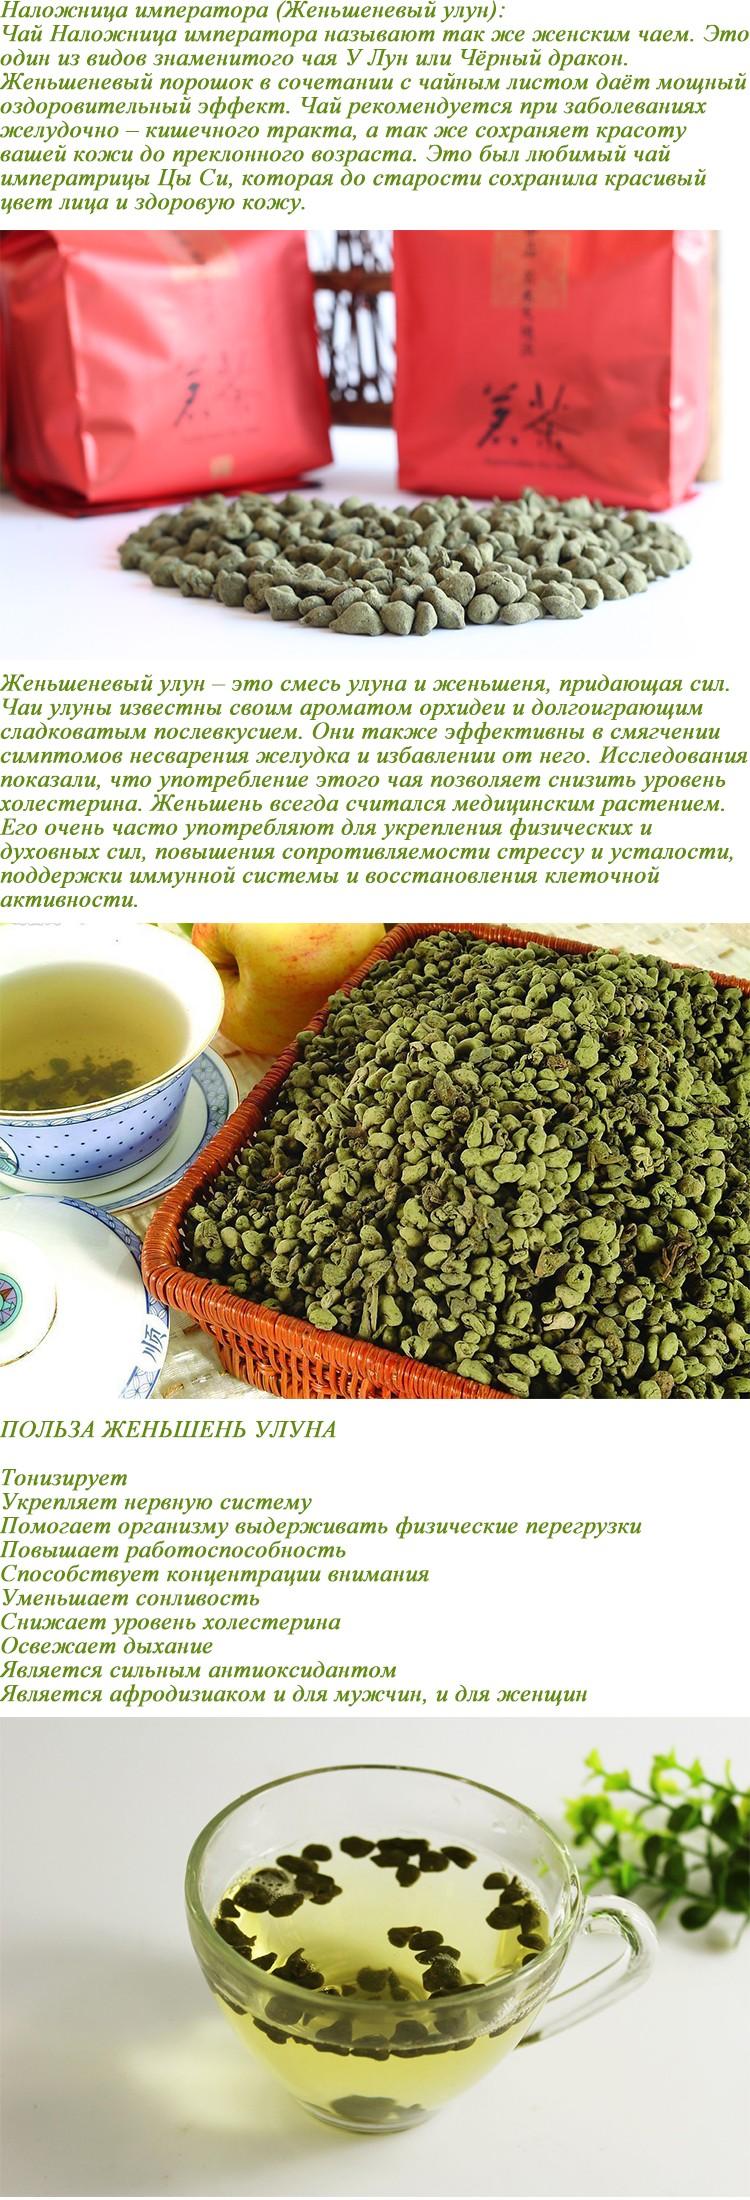 женьшеневый улун чай фото